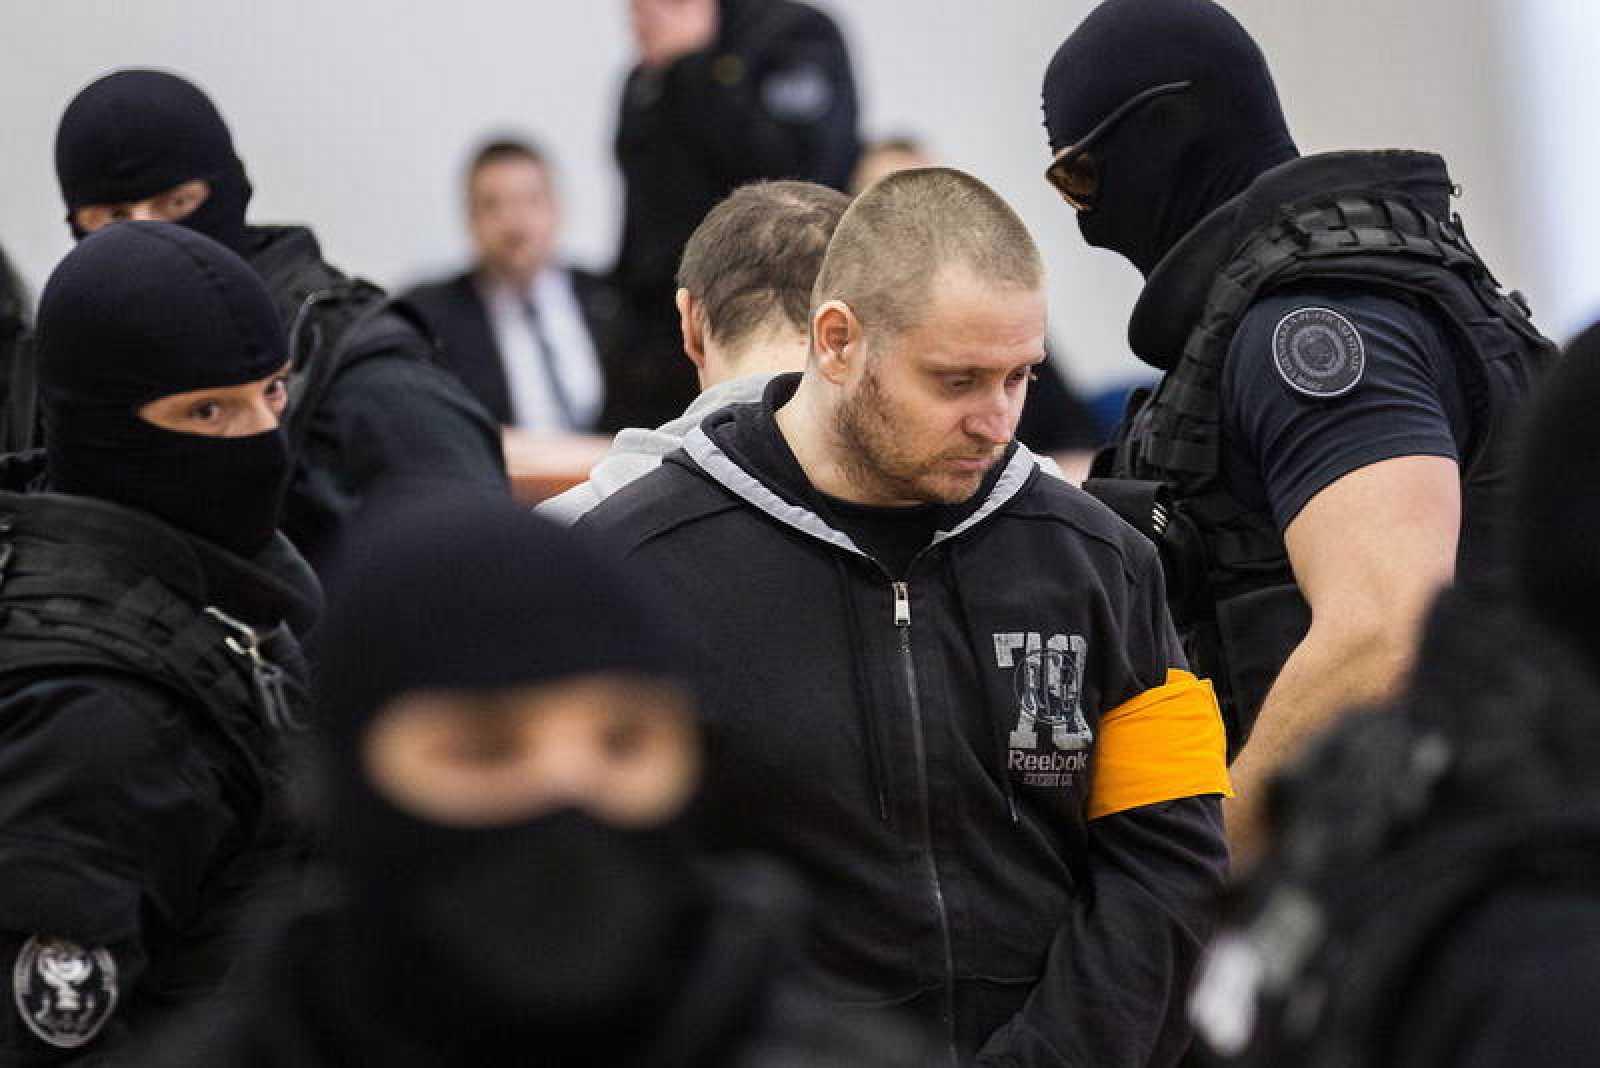 El autor material de doble asesinato es Miroslav Marcek, un antiguo soldado